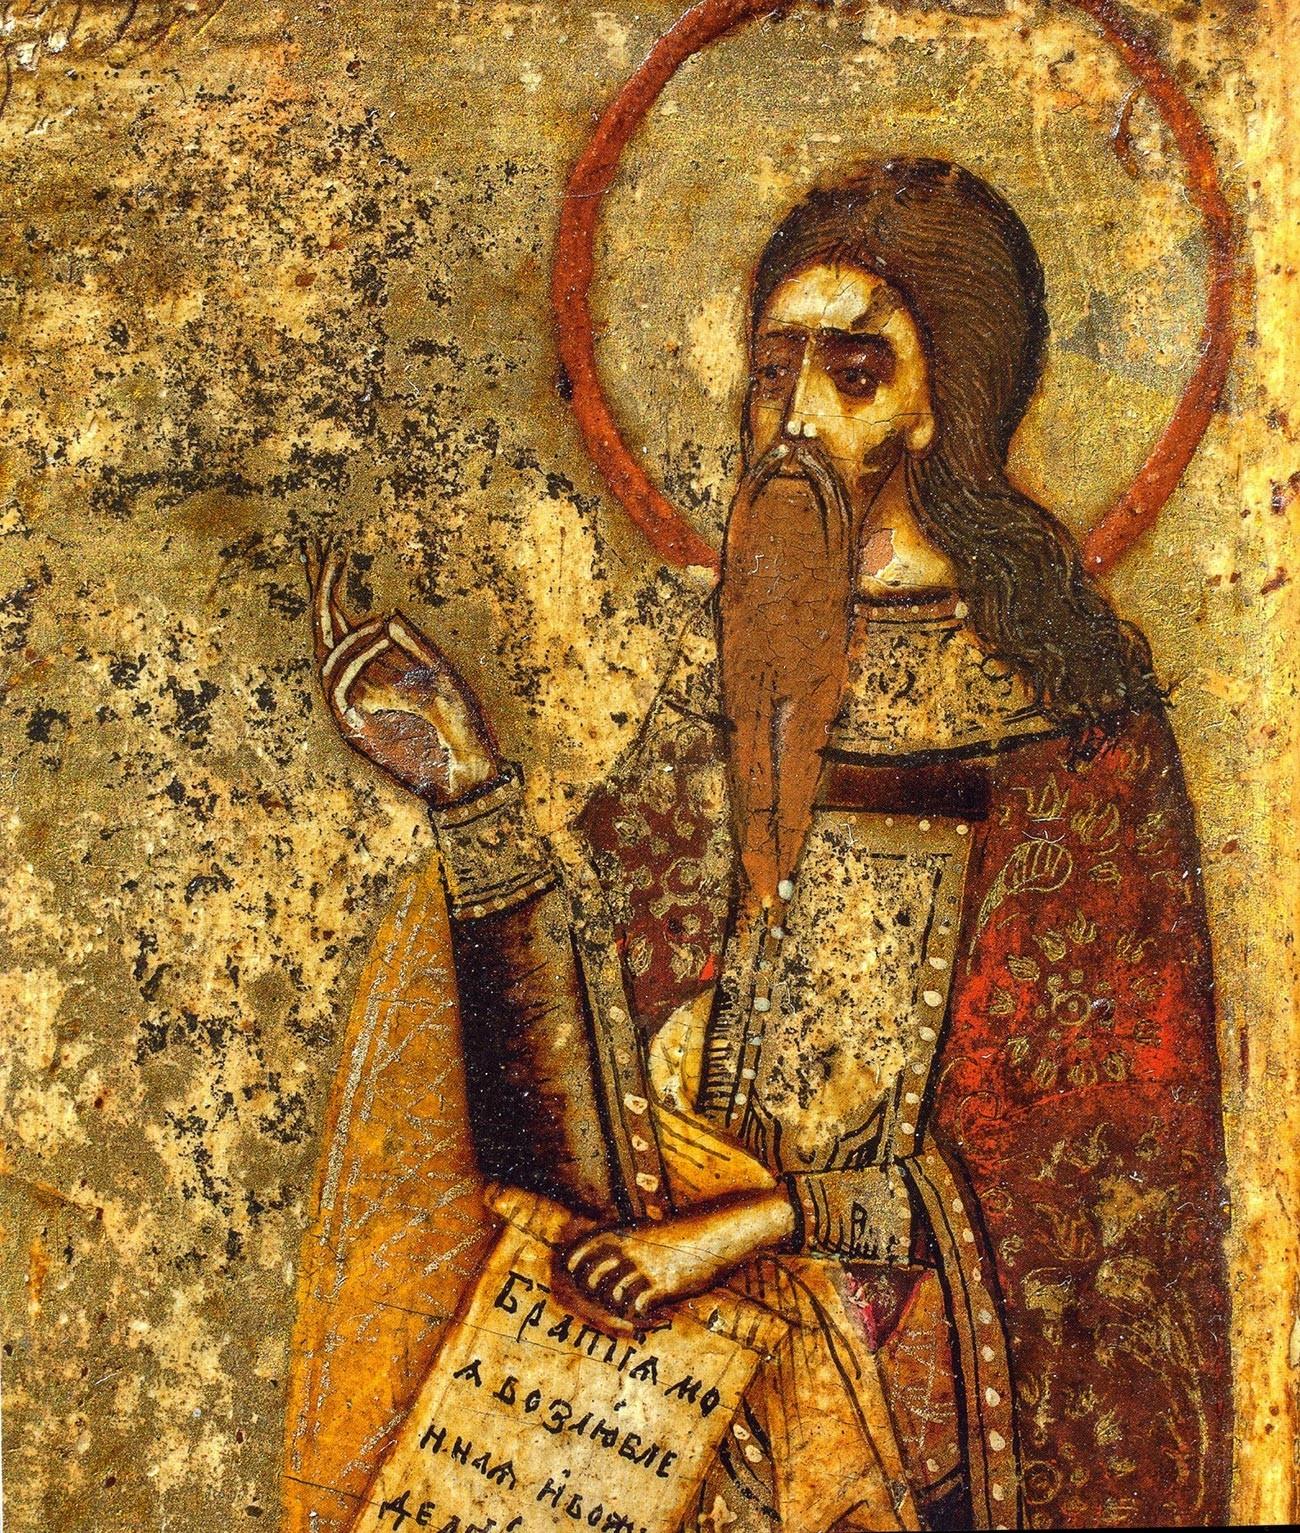 Avvakum Petrov pada ikon penganut Kepercayaan Lama abad ke-17.